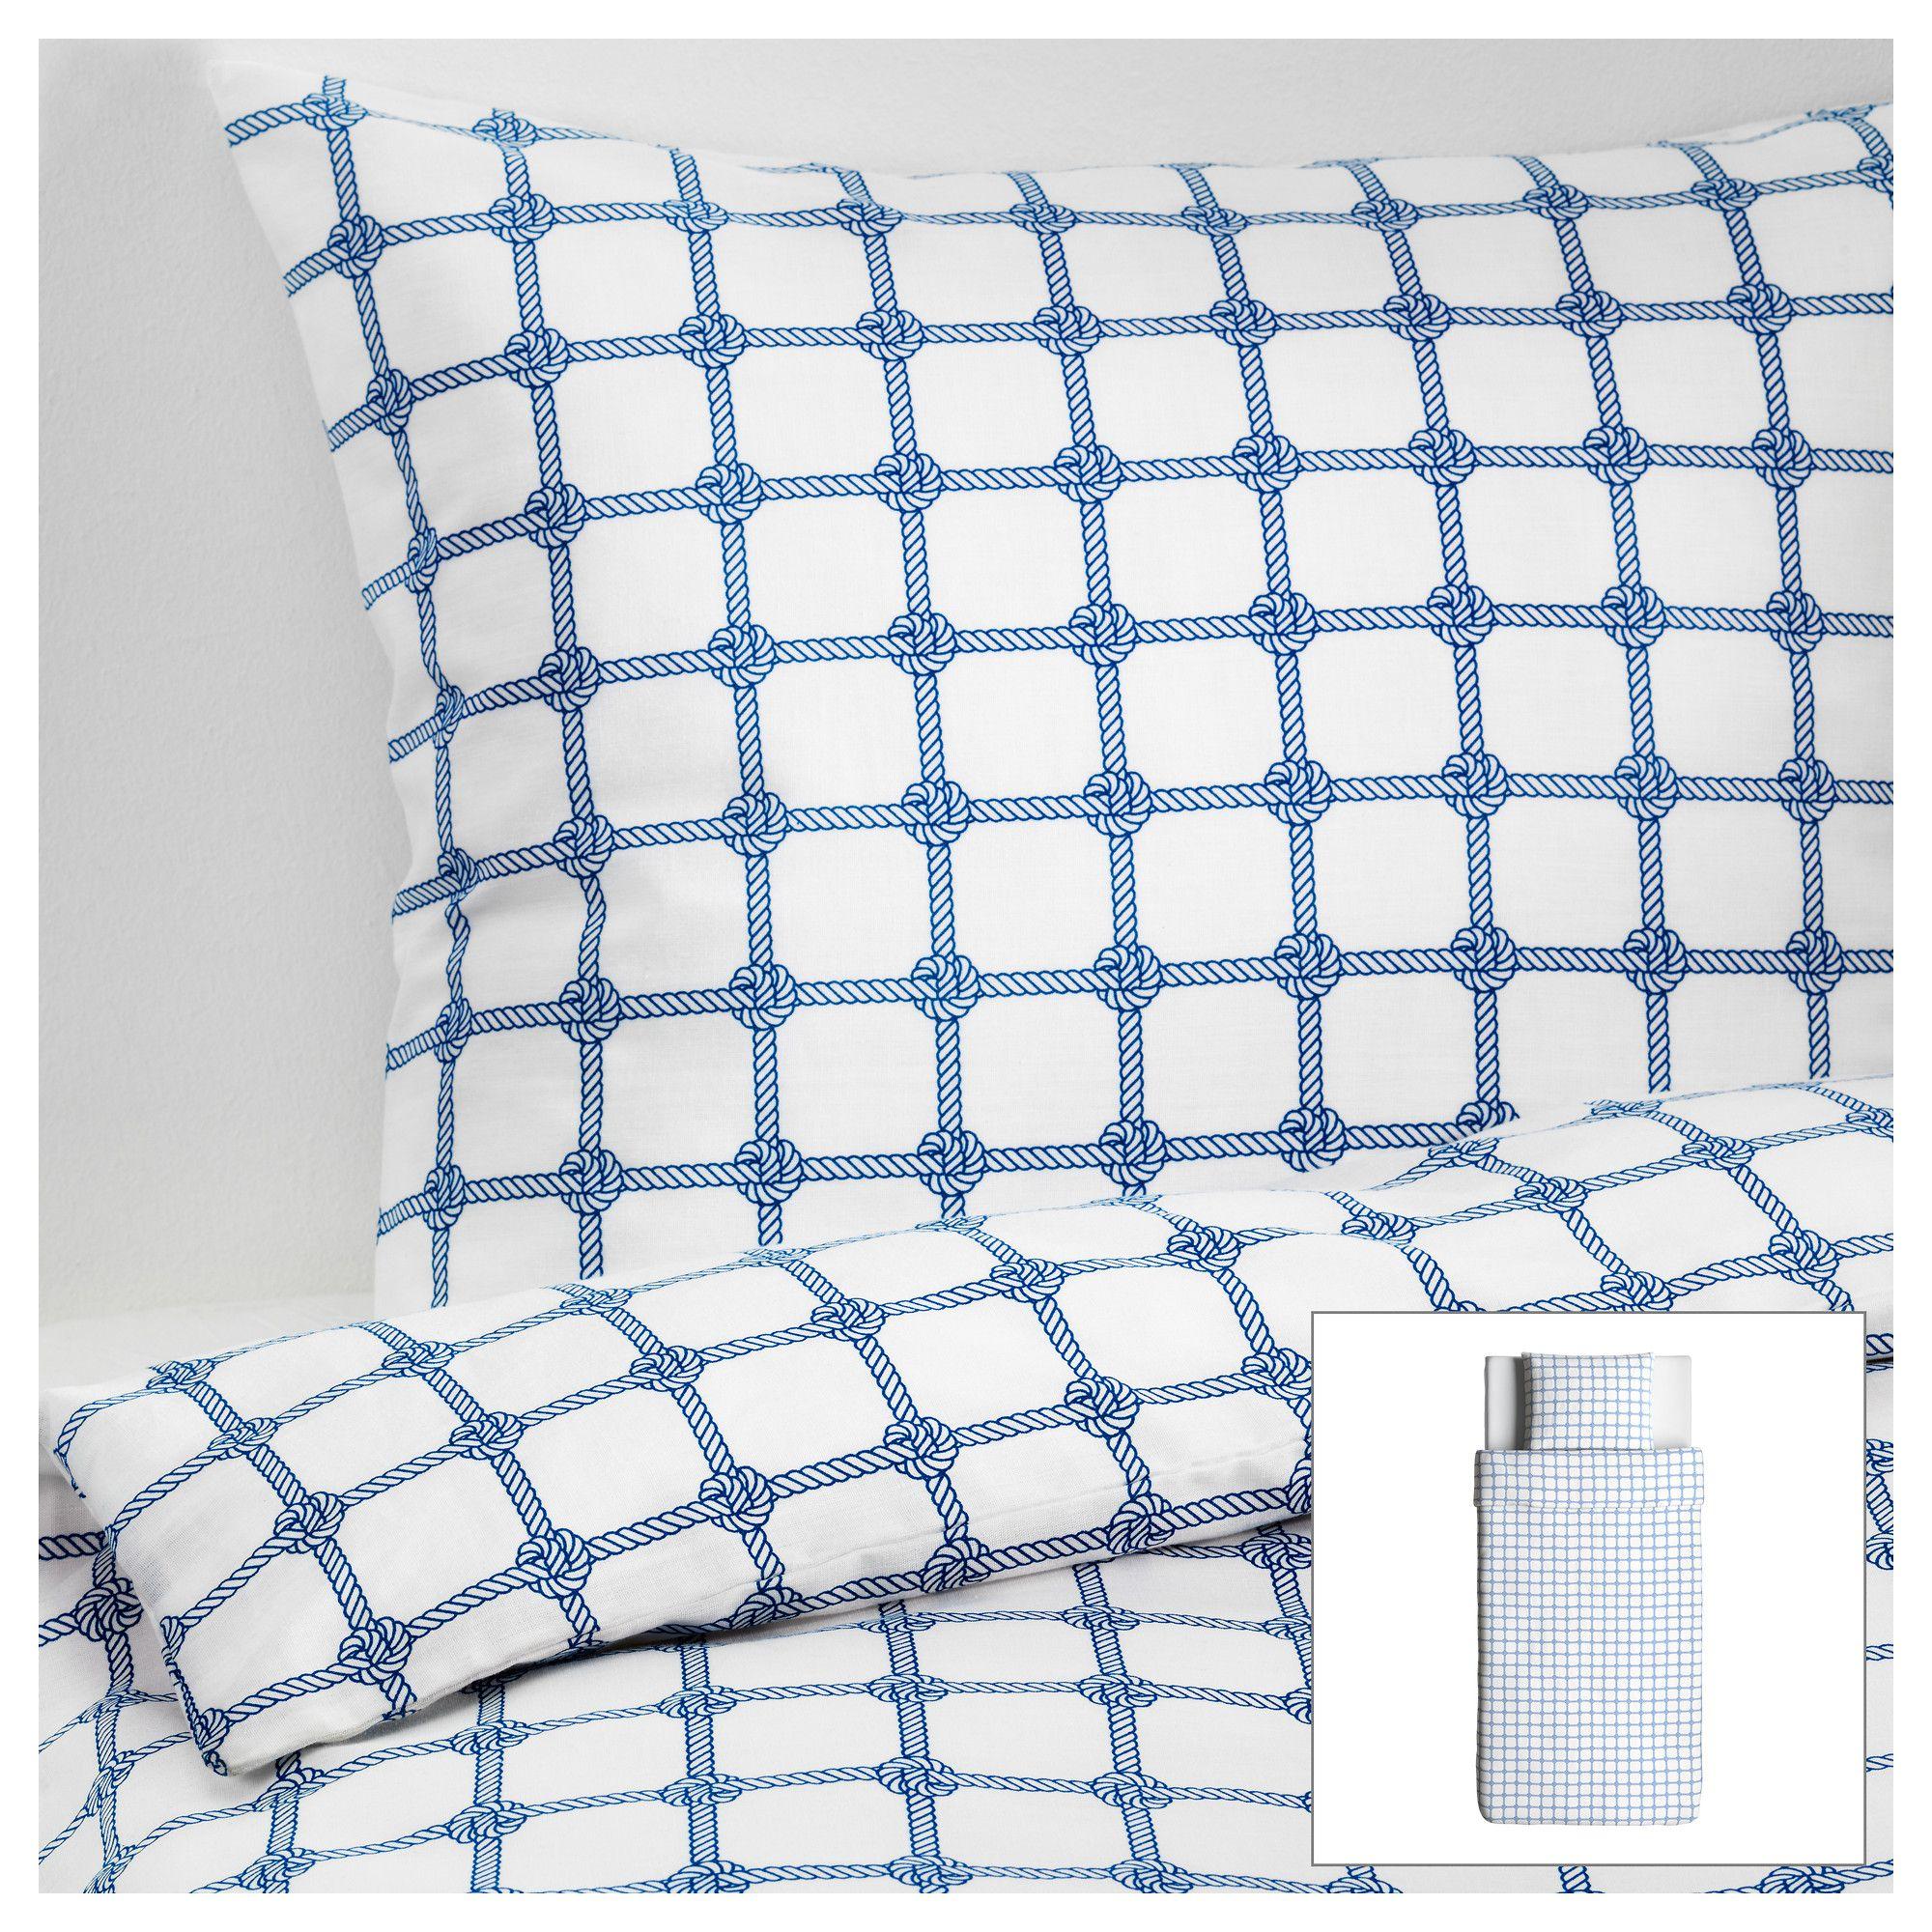 c5e0e7a2c LISEL Ágyneműhuzat-garnitúra - IKEA | Furnitures, facilities | Ikea ...